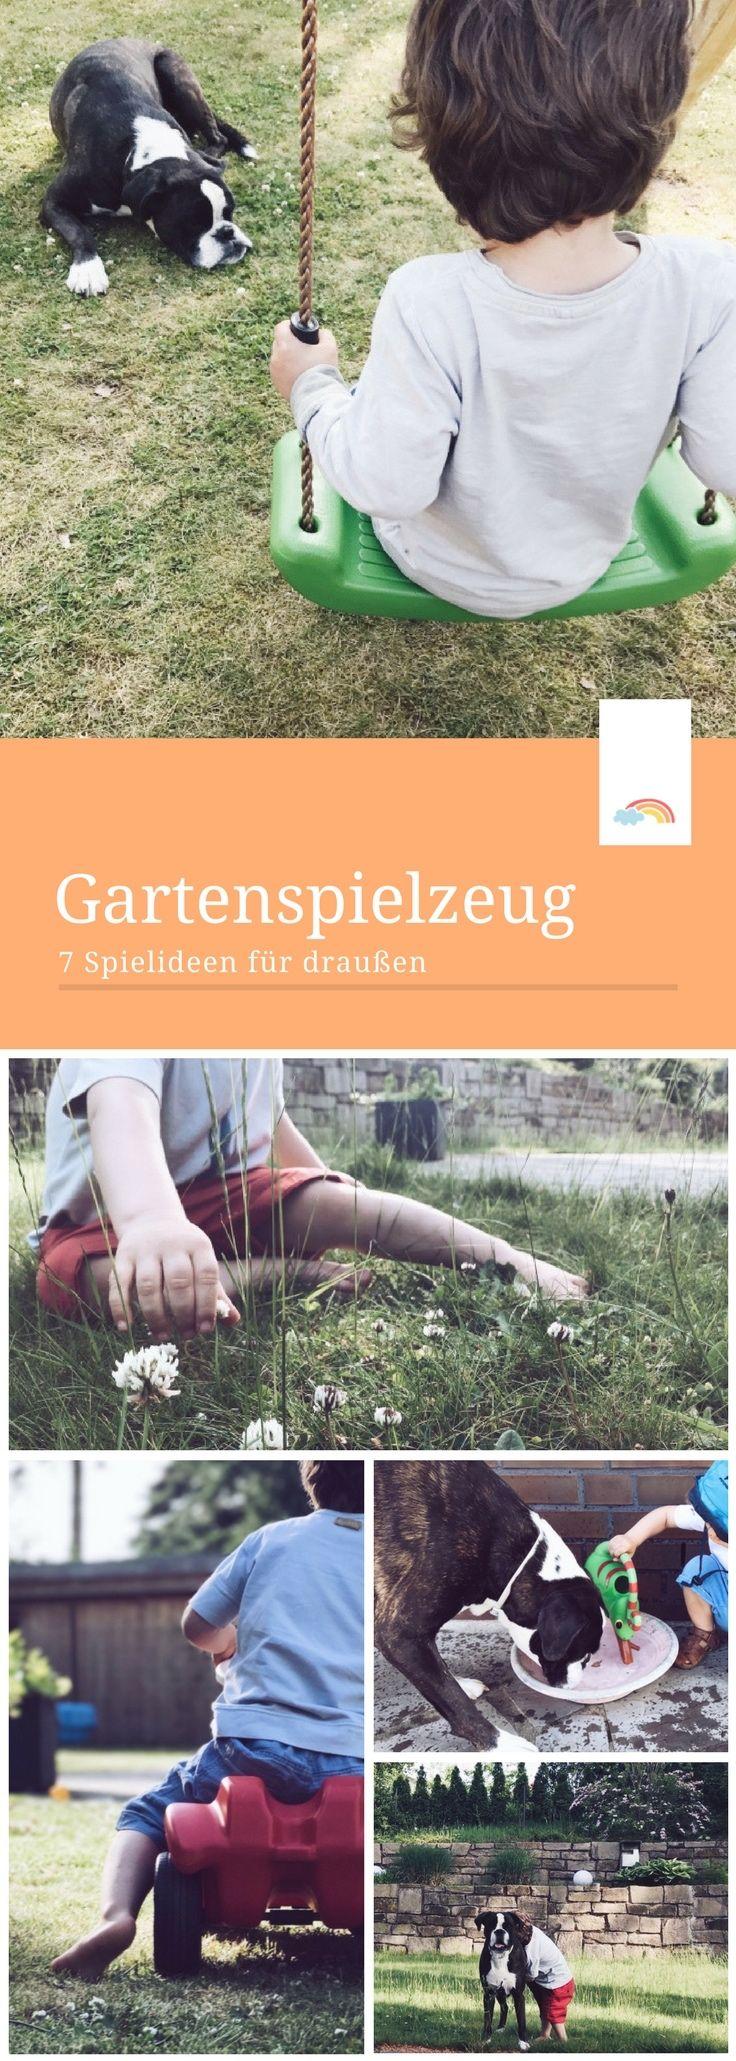 spielzeug für den garten - 7 spielideen für kleinkinder im sommer, Gartengerate ideen